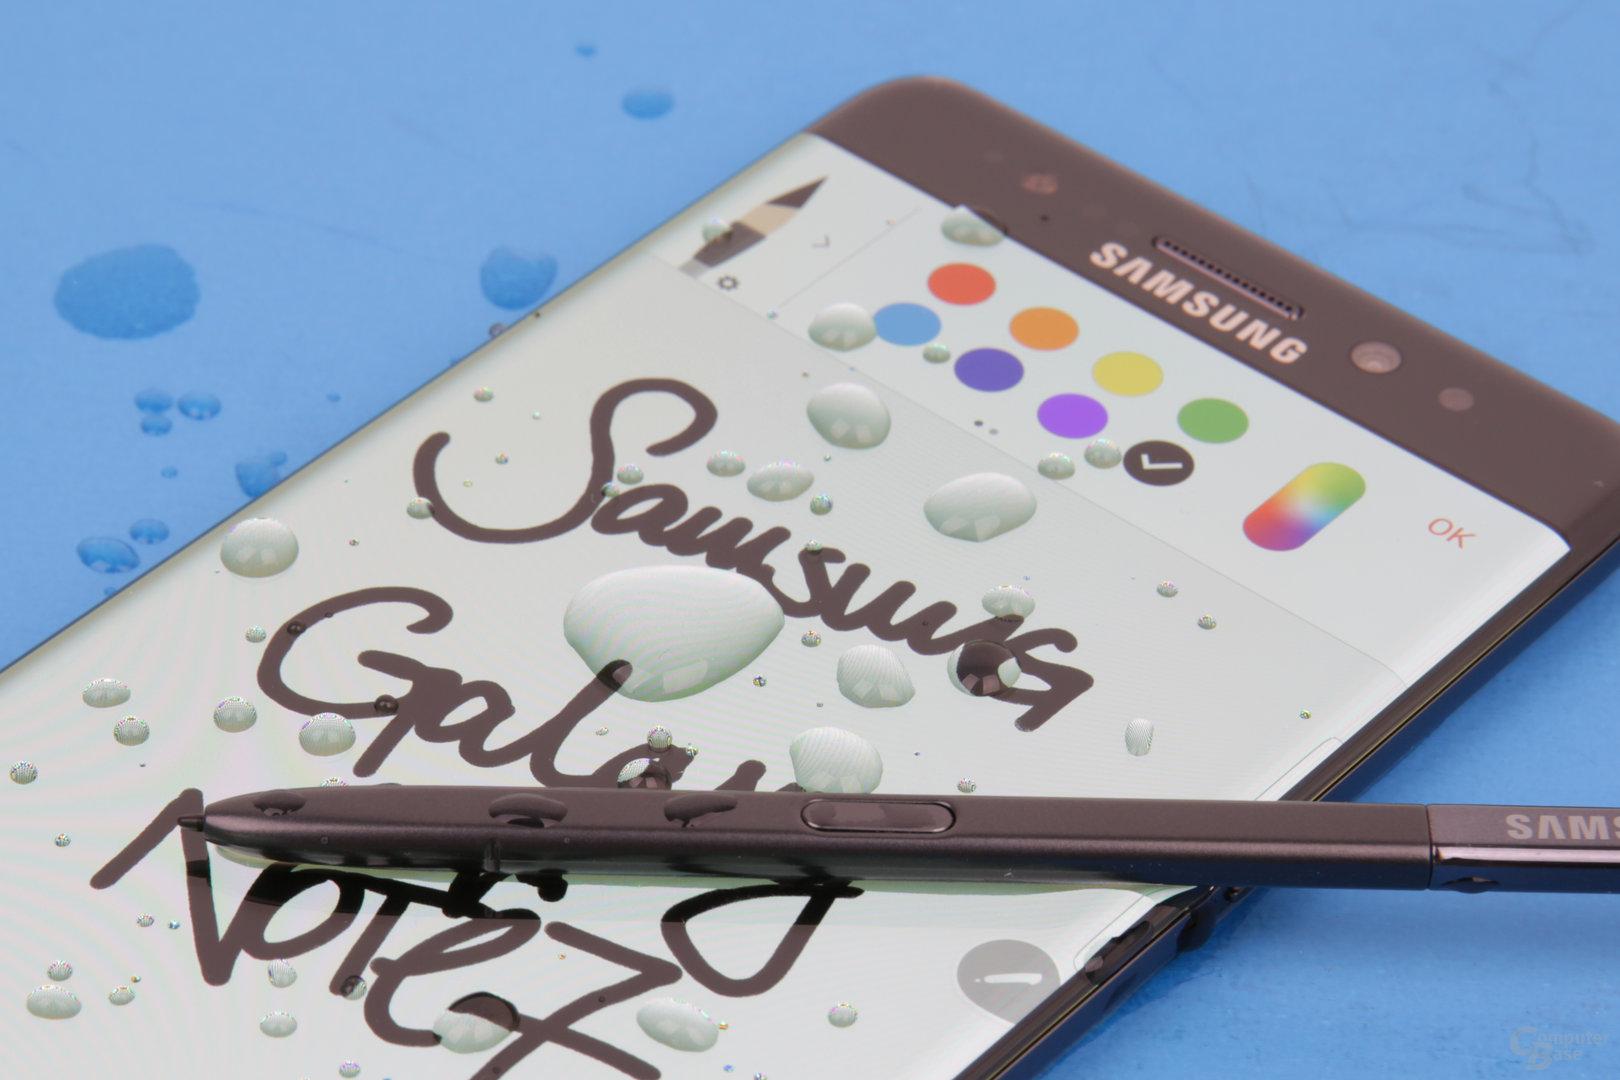 Nur Stylus-Fans sollten beim Galaxy Note 7 zugreifen